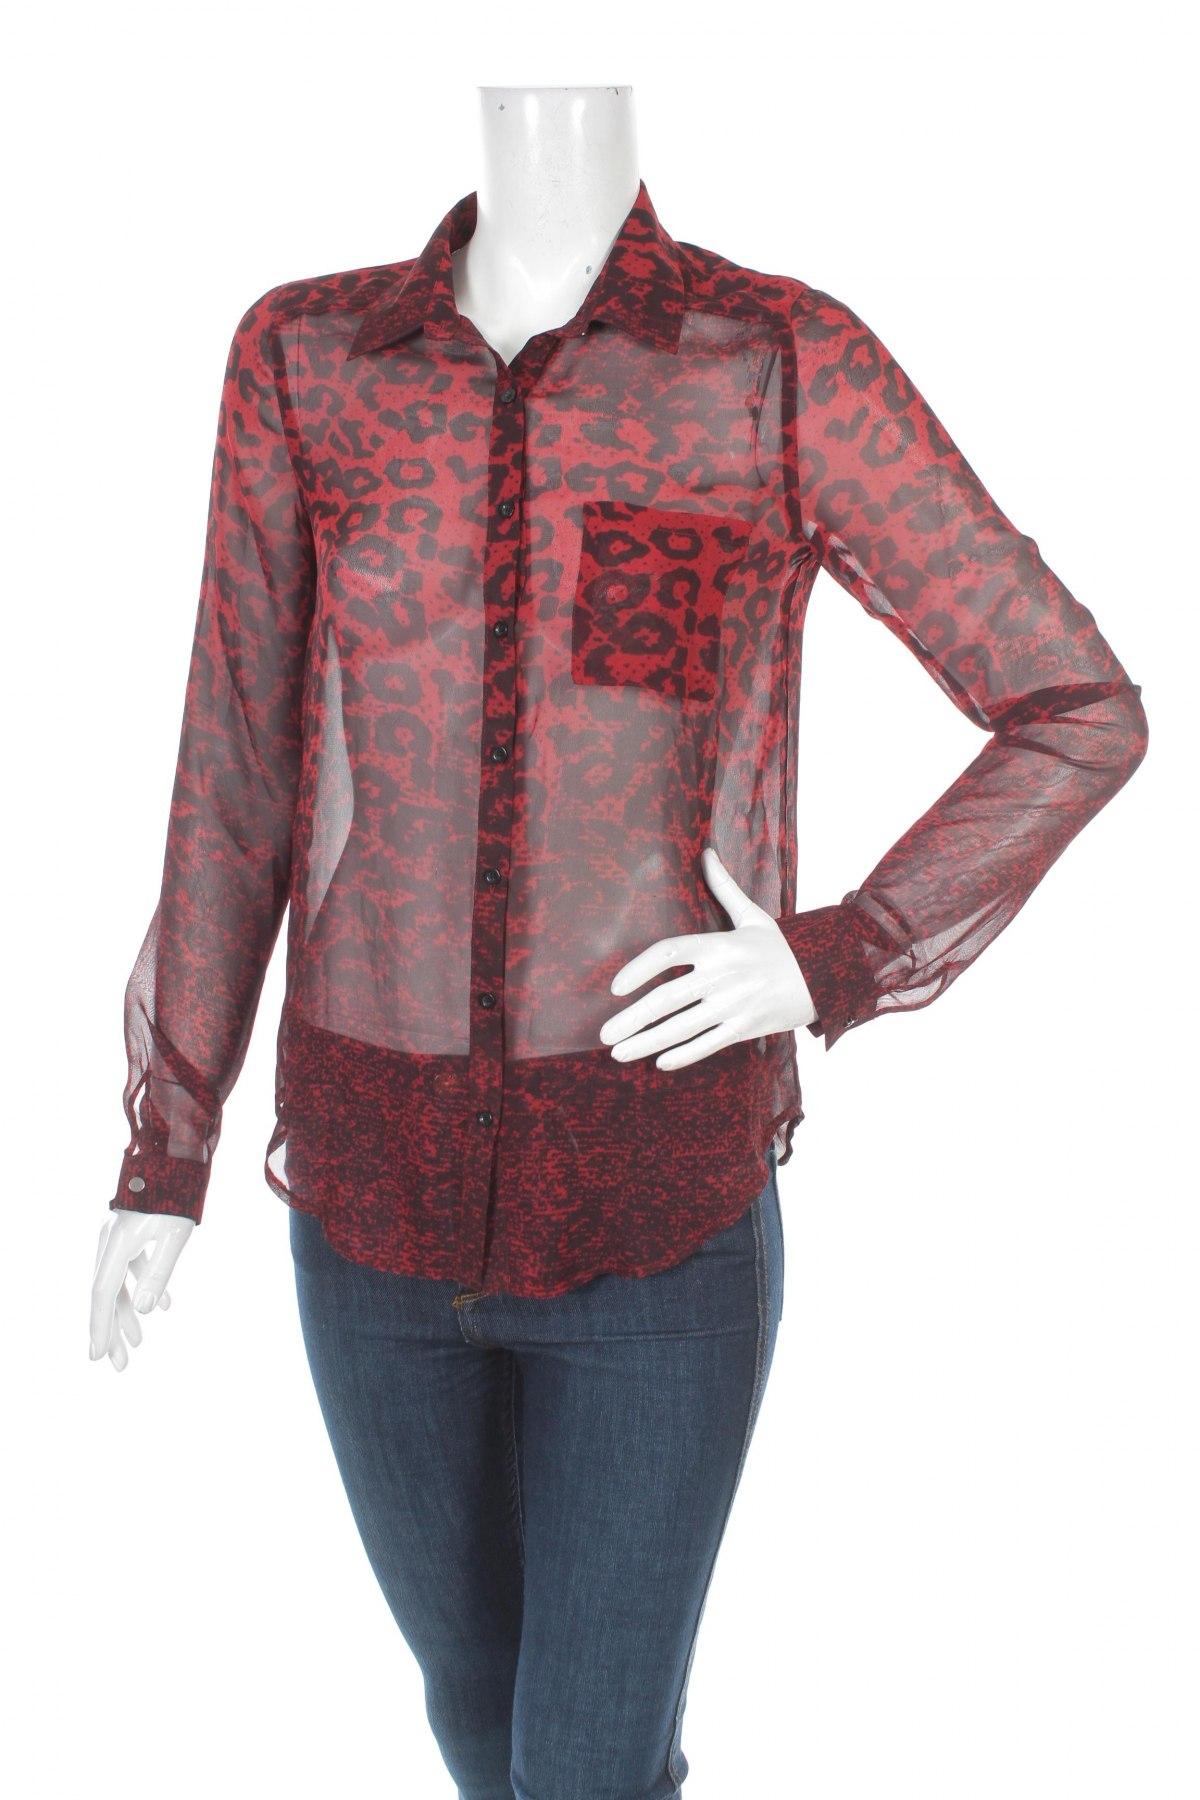 Γυναικείο πουκάμισο Zebra, Μέγεθος S, Χρώμα Κόκκινο, 100% πολυεστέρας, Τιμή 15,15€